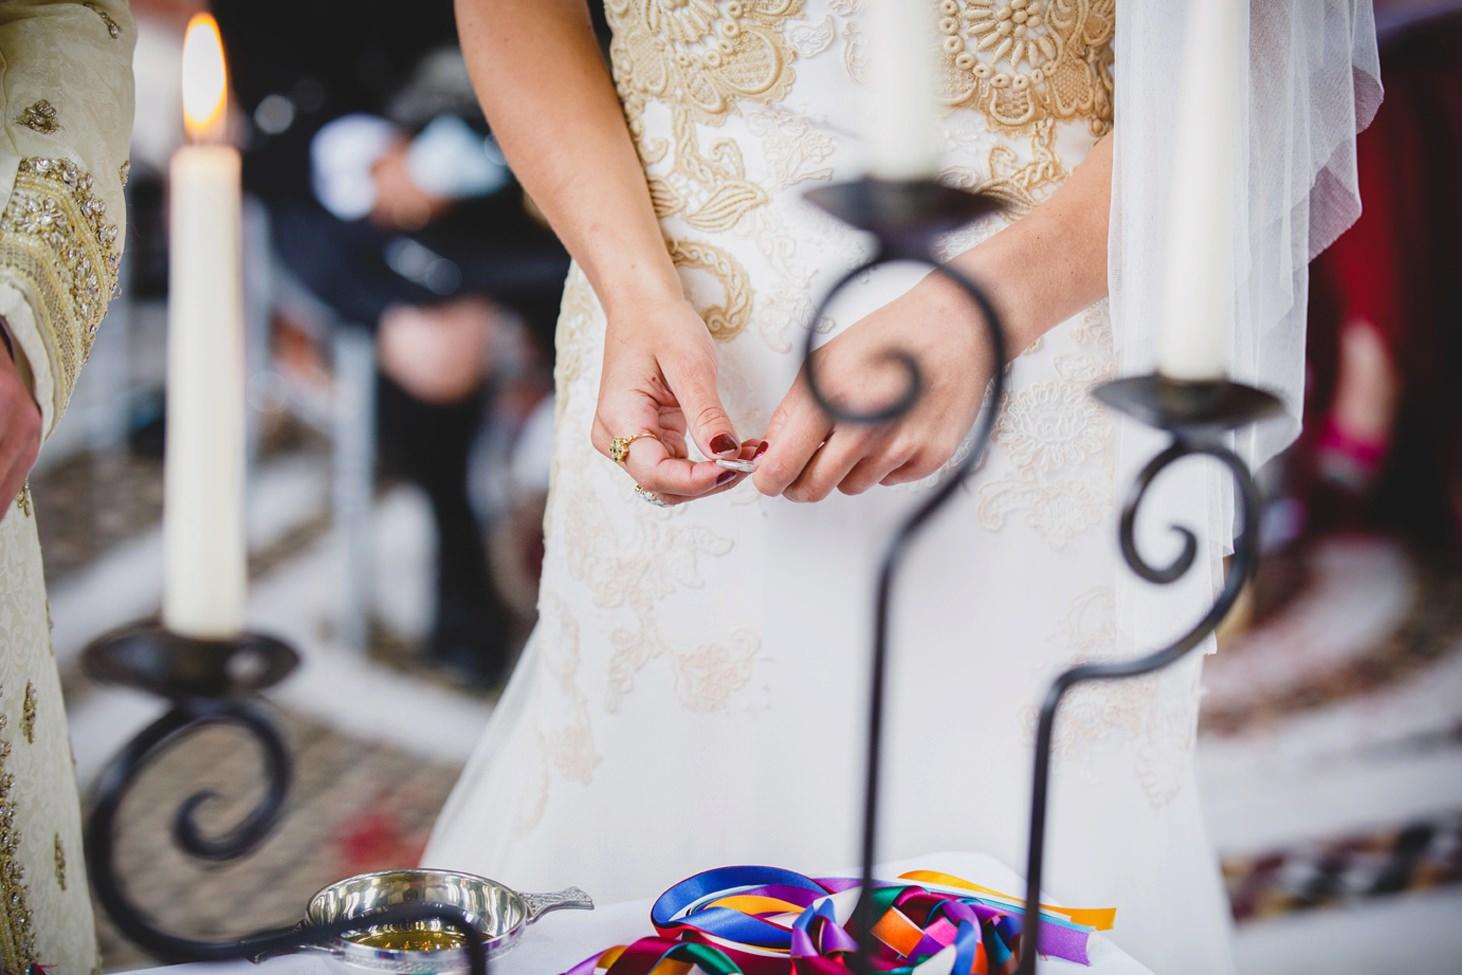 mount stuart wedding photography bride holding ring